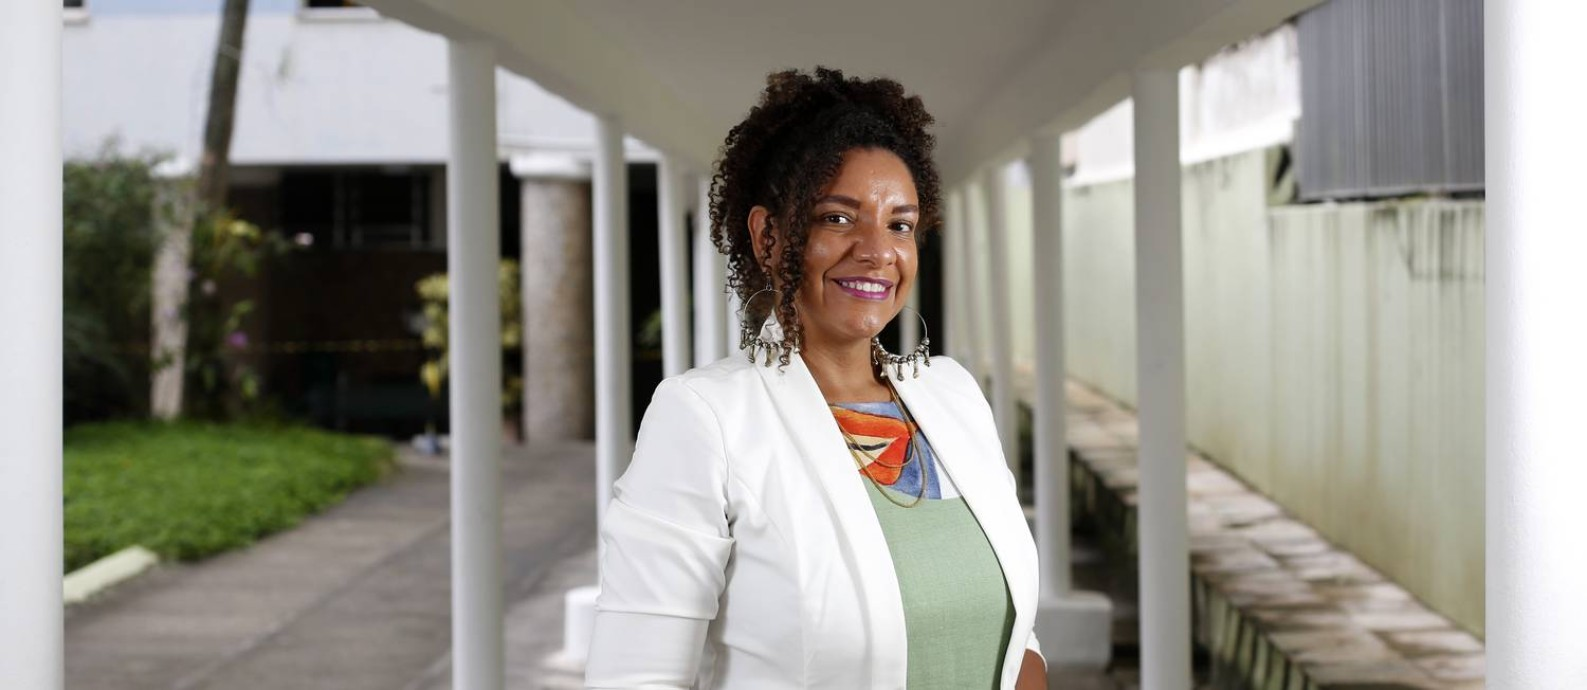 A candidata à Prefeitura do Rio pelo PSOL, Renata Souza Foto: Fabio Rossi / Agência O Globo